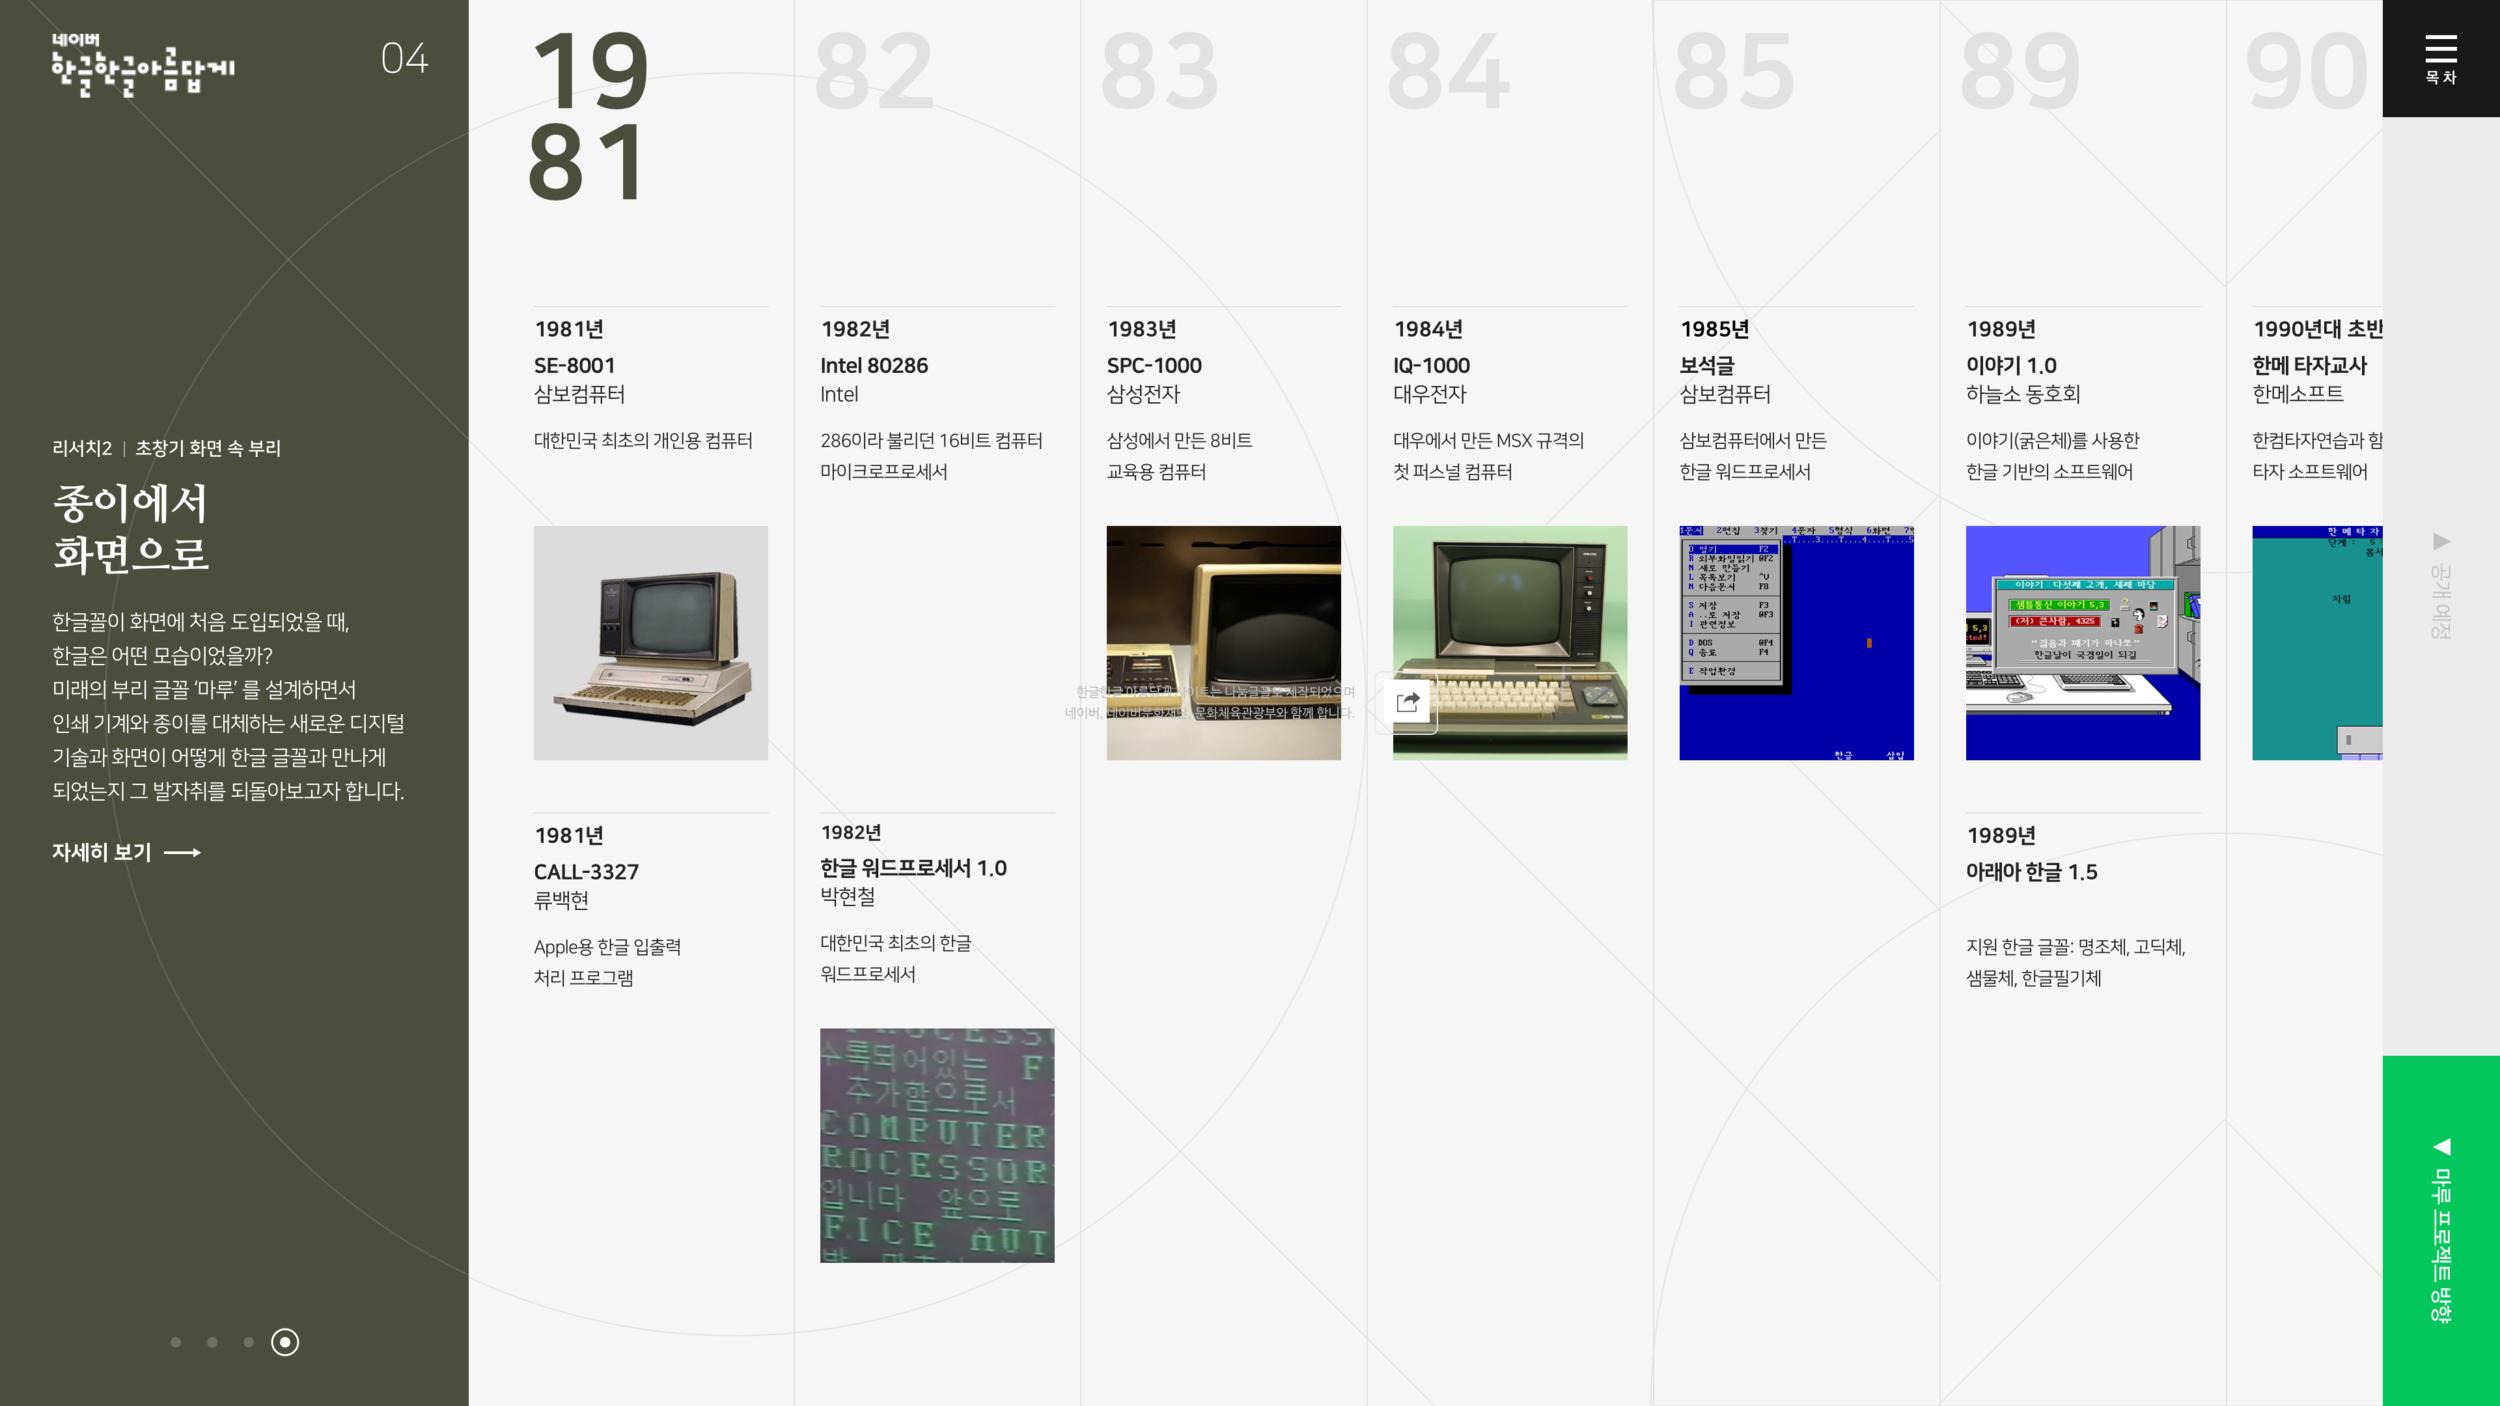 화면용 글꼴 변천사 연구: 안그라픽스, 2019